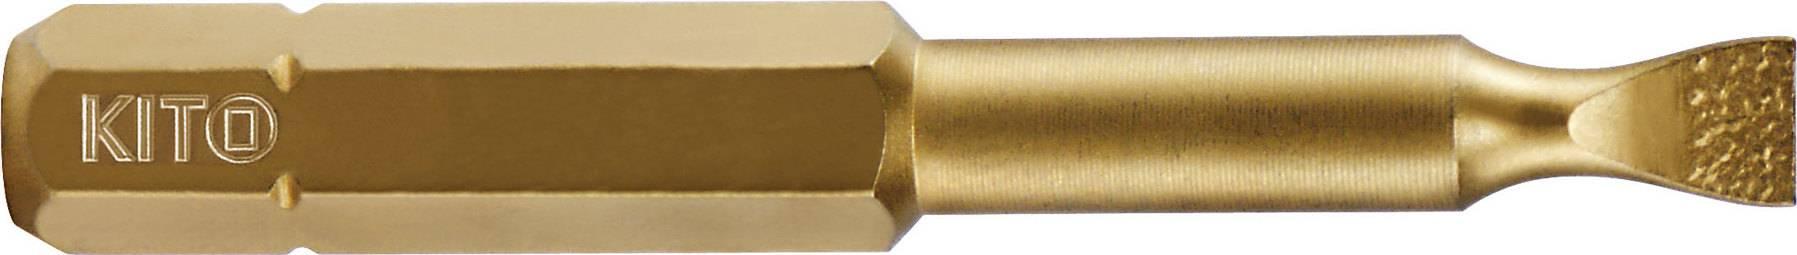 hrot, 5,5x50mm, S2/TiN 4821304 KITO